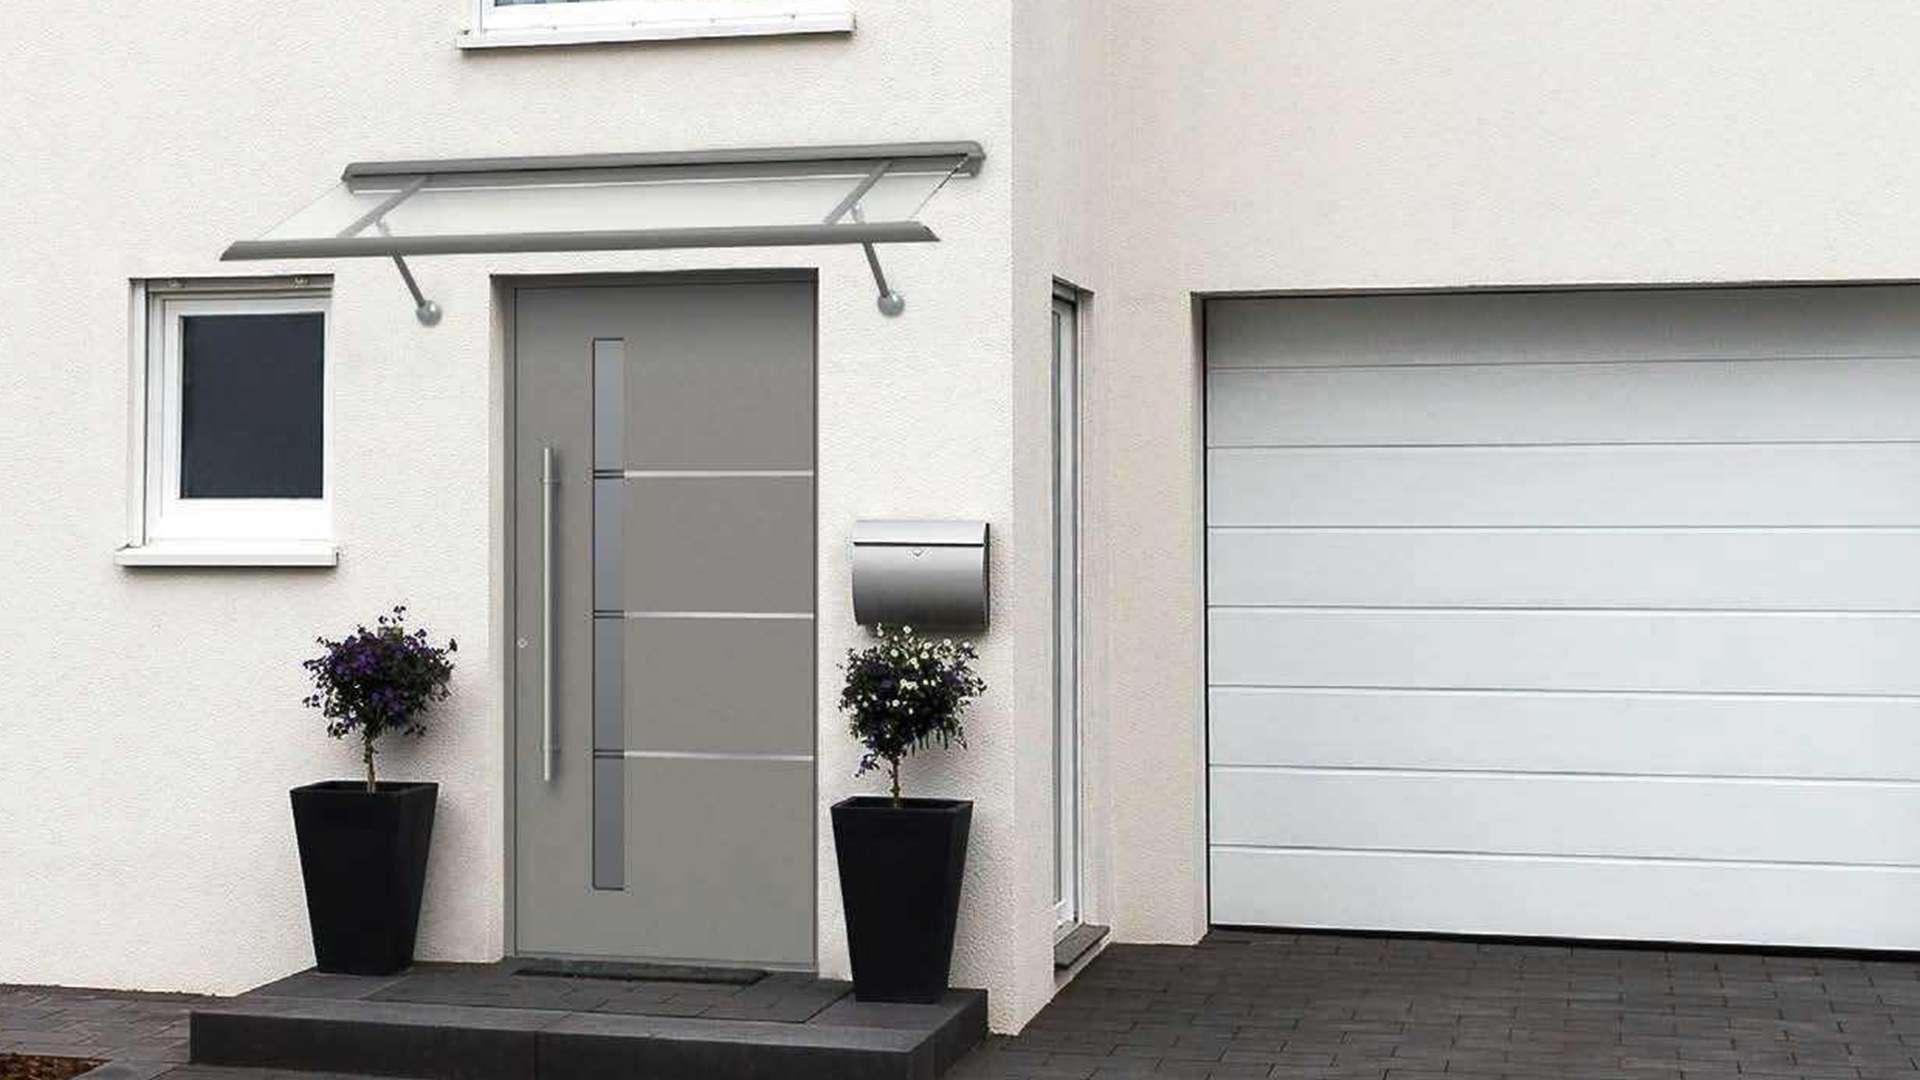 hellgraue Haustür in weißer Fassade mit Vordach aus Glas